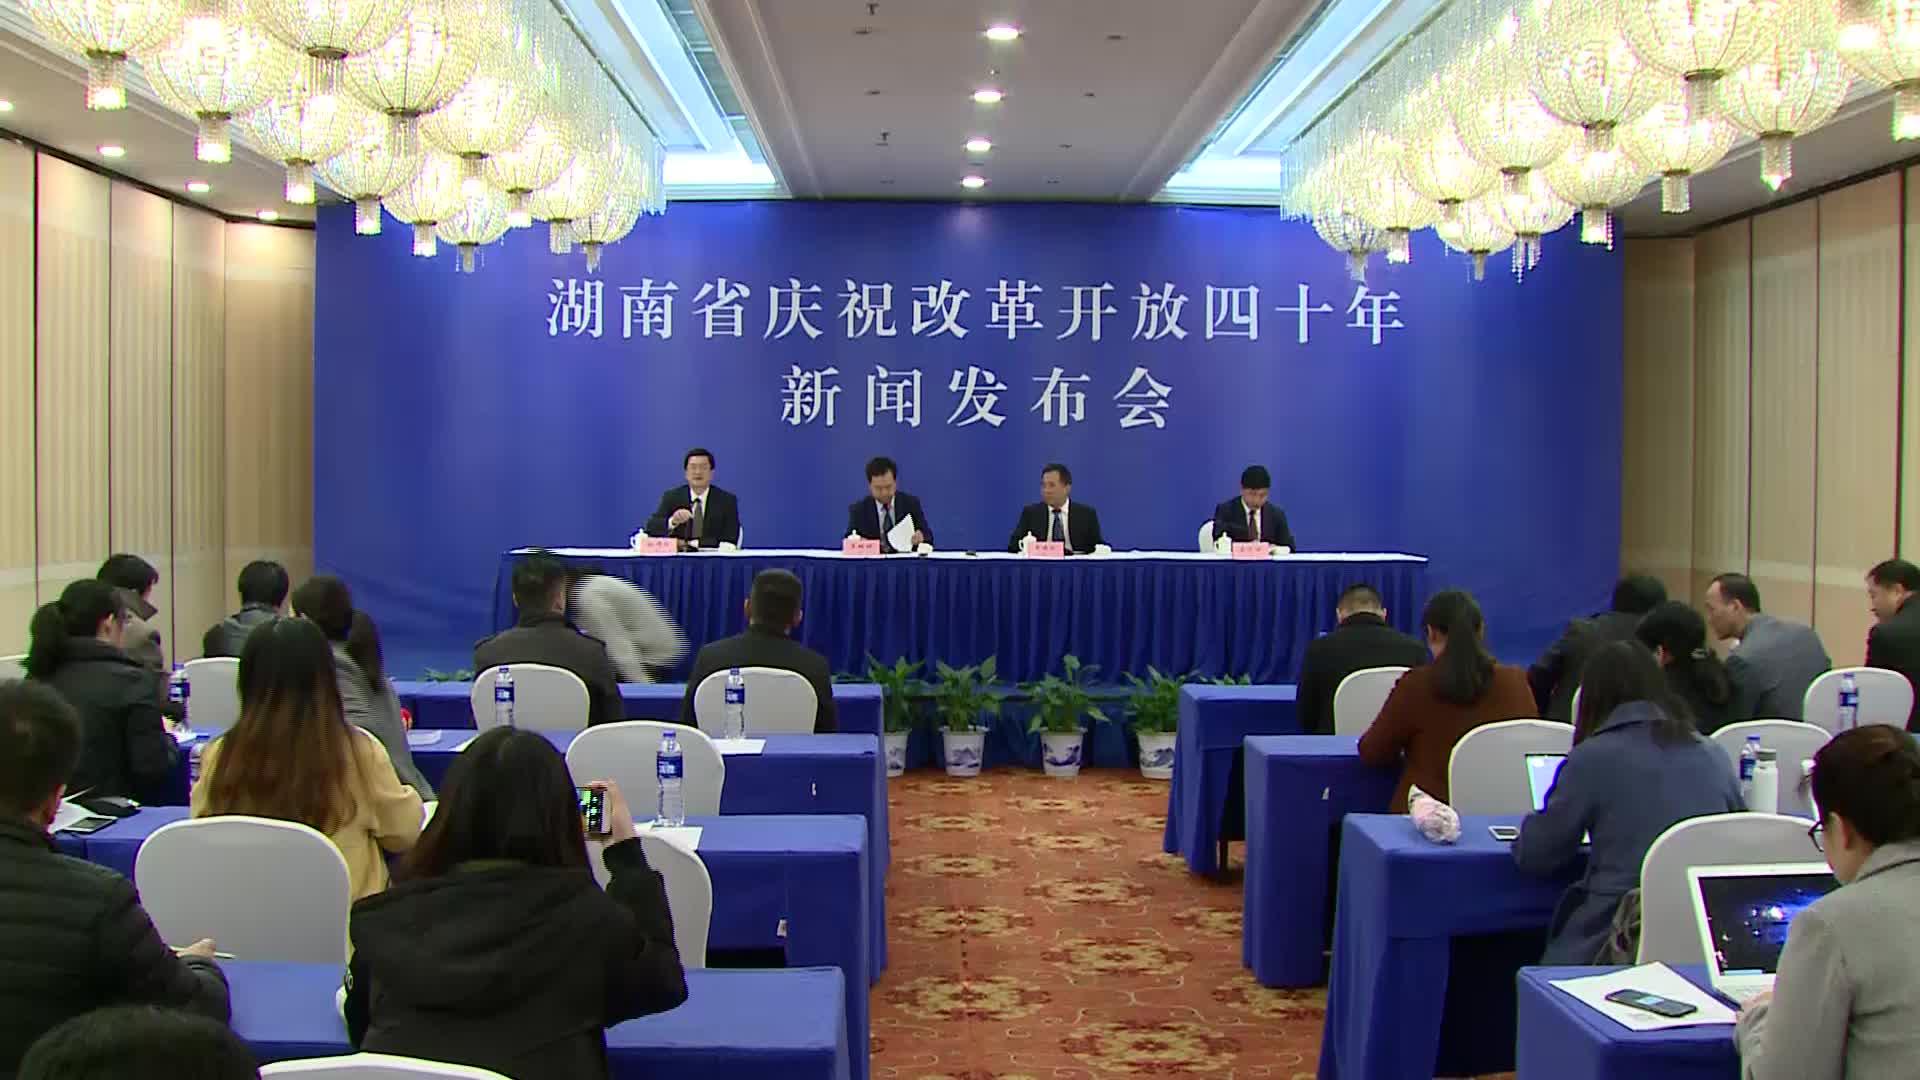 【全程回放】湖南省庆祝改革开放四十年系列新闻发布会:全省文化和旅游改革发展成就